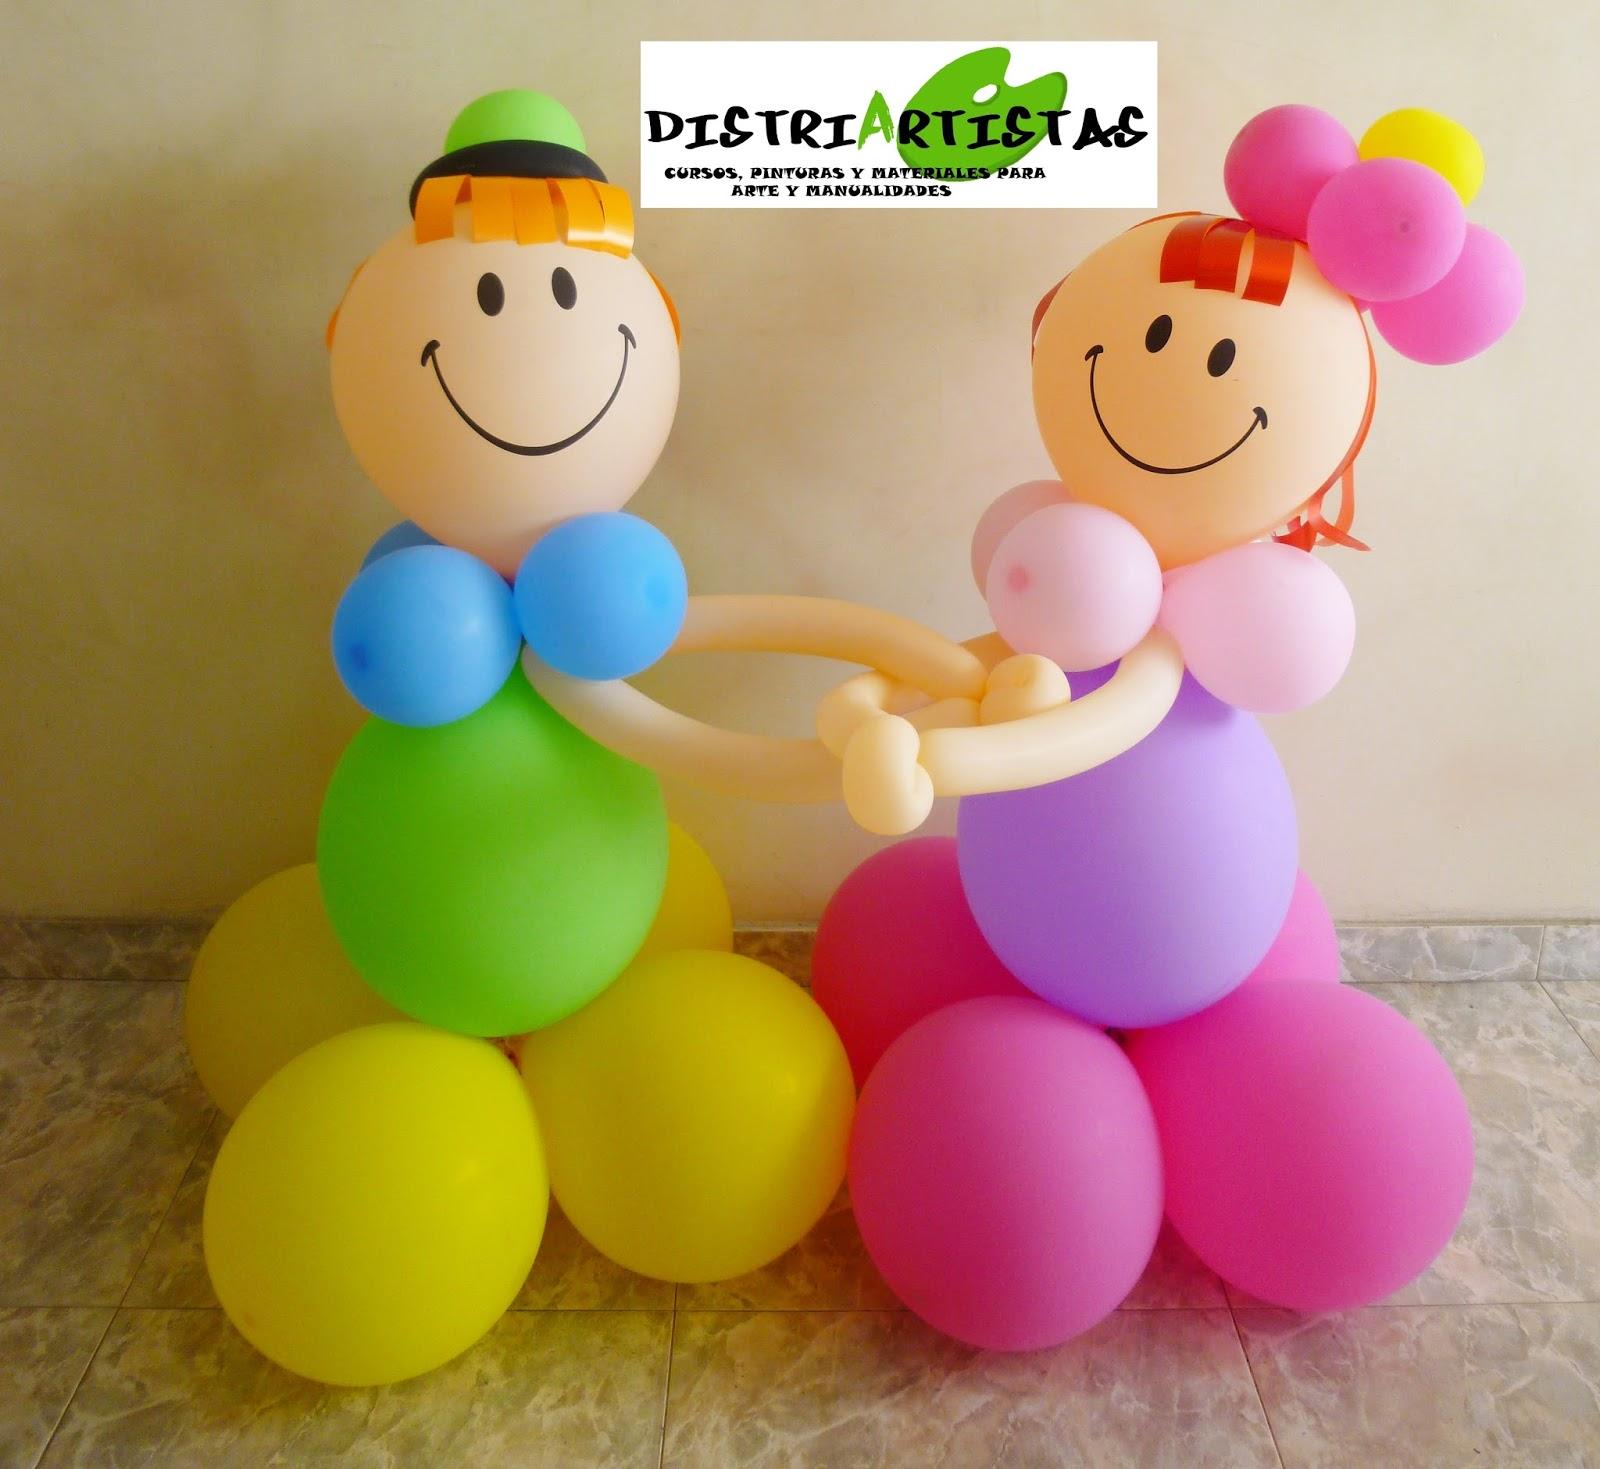 Distriartistas curso de decoracion con globos en bucaramanga for Decoracion de globos